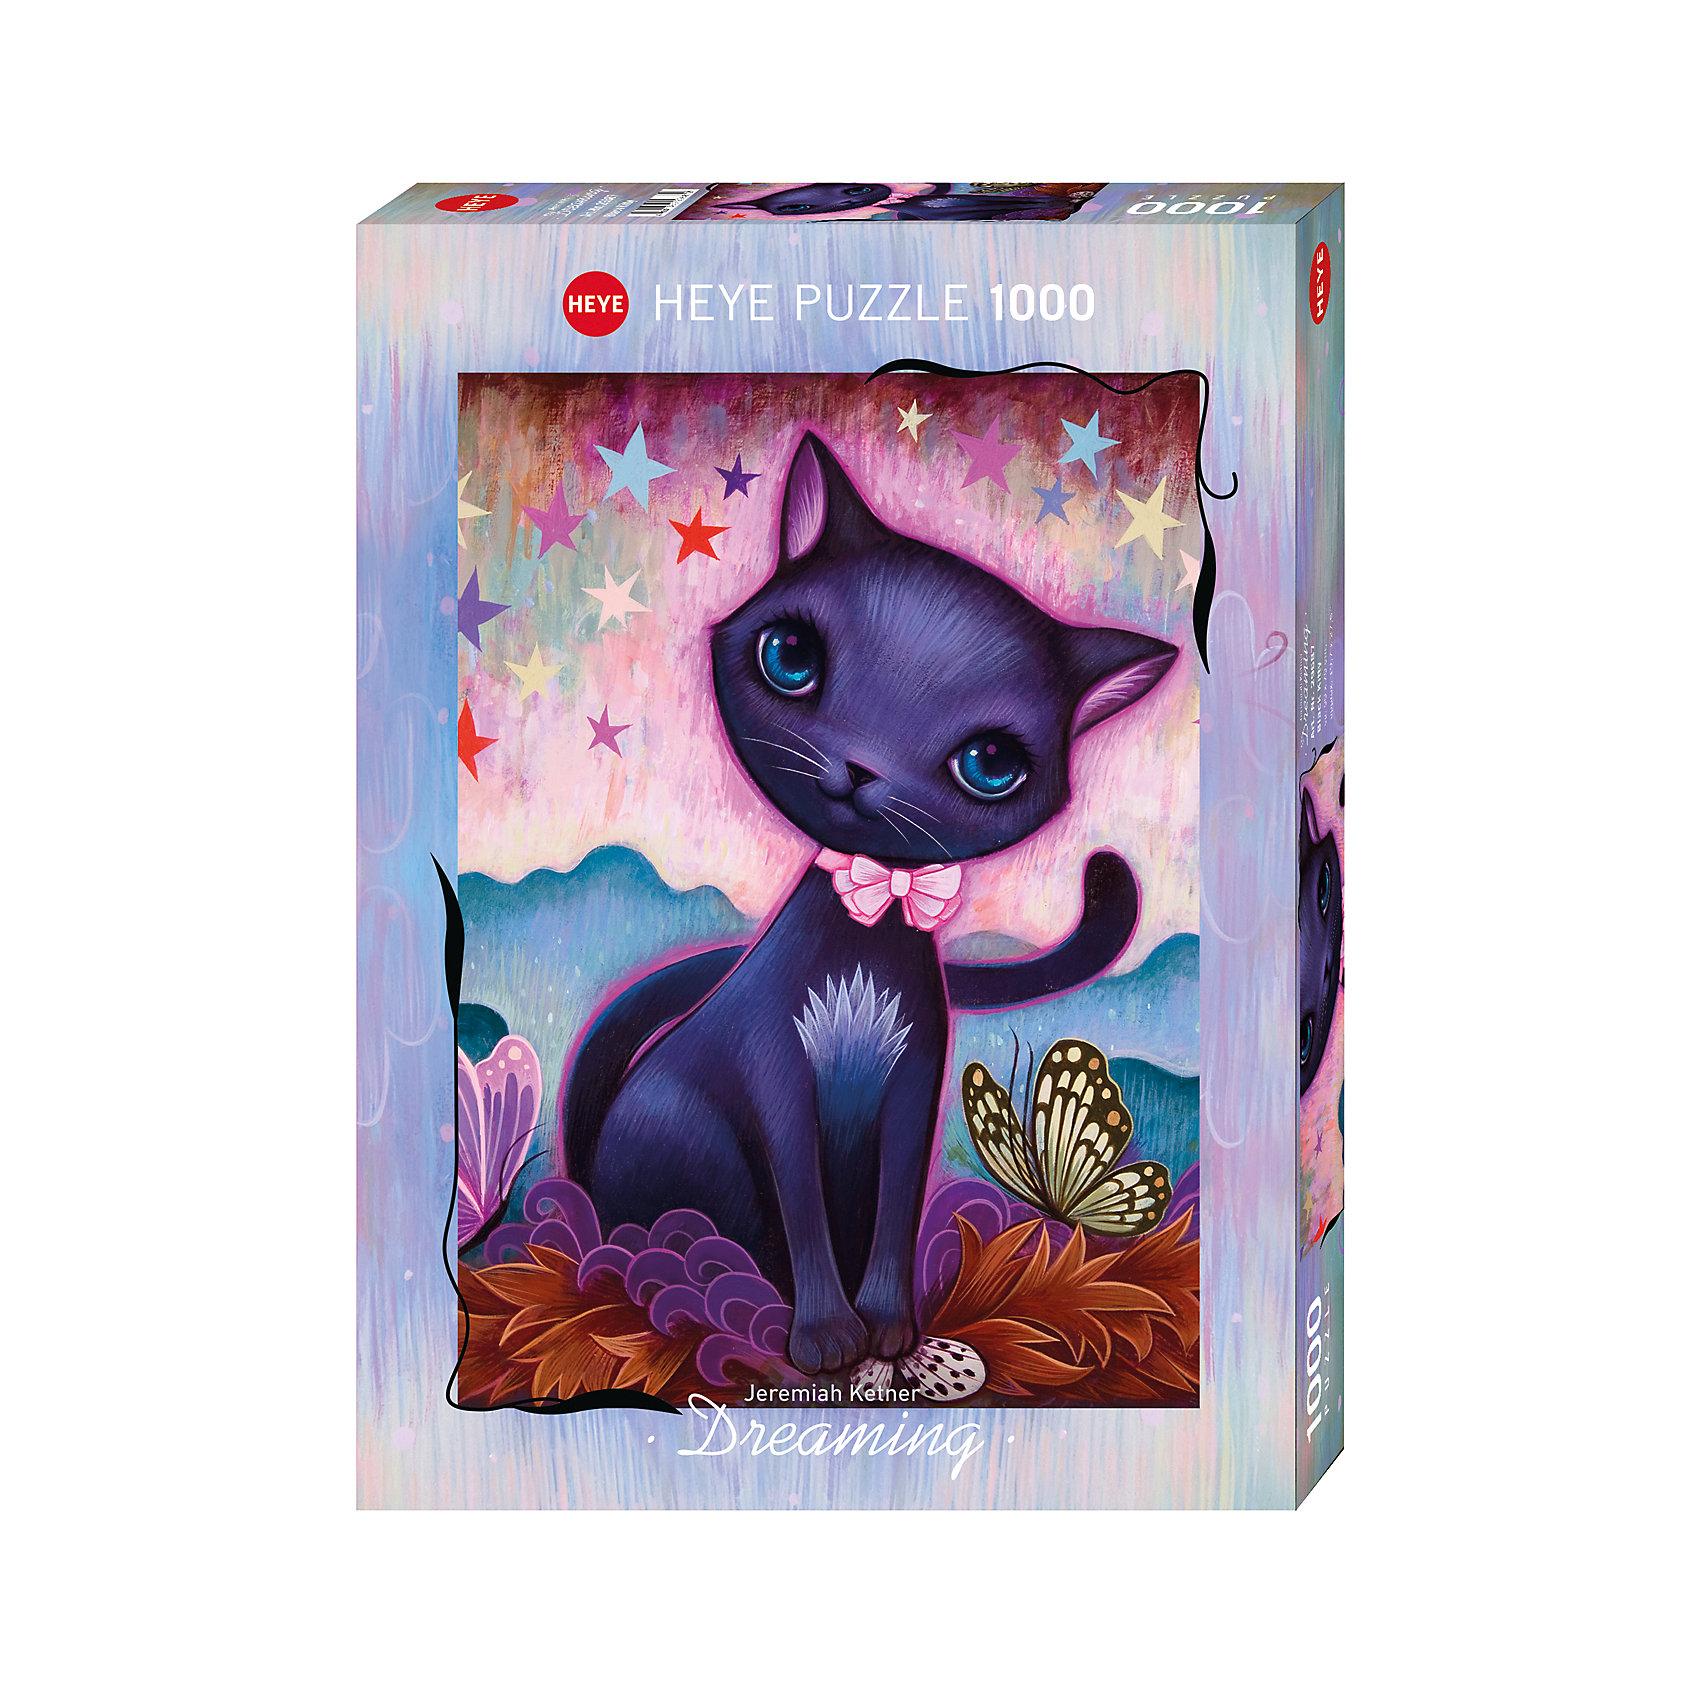 Пазл Черный котенок, 1000 деталей, HeyeПазлы для детей постарше<br>Jeremiah Ketner (Джереми Кетнер) - художник из Чикаго (США), который известен своими яркими сказочными картинами  с изображением мифических существ, кошек и дремлющих девушек. В работе художник  вдохновляется японской культурой: манго и модерн, а также черпает вдохновение из окружающей природы.<br><br>Дополнительная информация:<br><br>Художник: Jeremiah Ketner<br>Размер готовой картинки: 50 х 70 см<br><br>Пазл Черный котенок, 1000 деталей, Heye можно купить в нашем магазине.<br><br>Ширина мм: 371<br>Глубина мм: 271<br>Высота мм: 55<br>Вес г: 840<br>Возраст от месяцев: 192<br>Возраст до месяцев: 216<br>Пол: Унисекс<br>Возраст: Детский<br>Количество деталей: 1000<br>SKU: 4163058